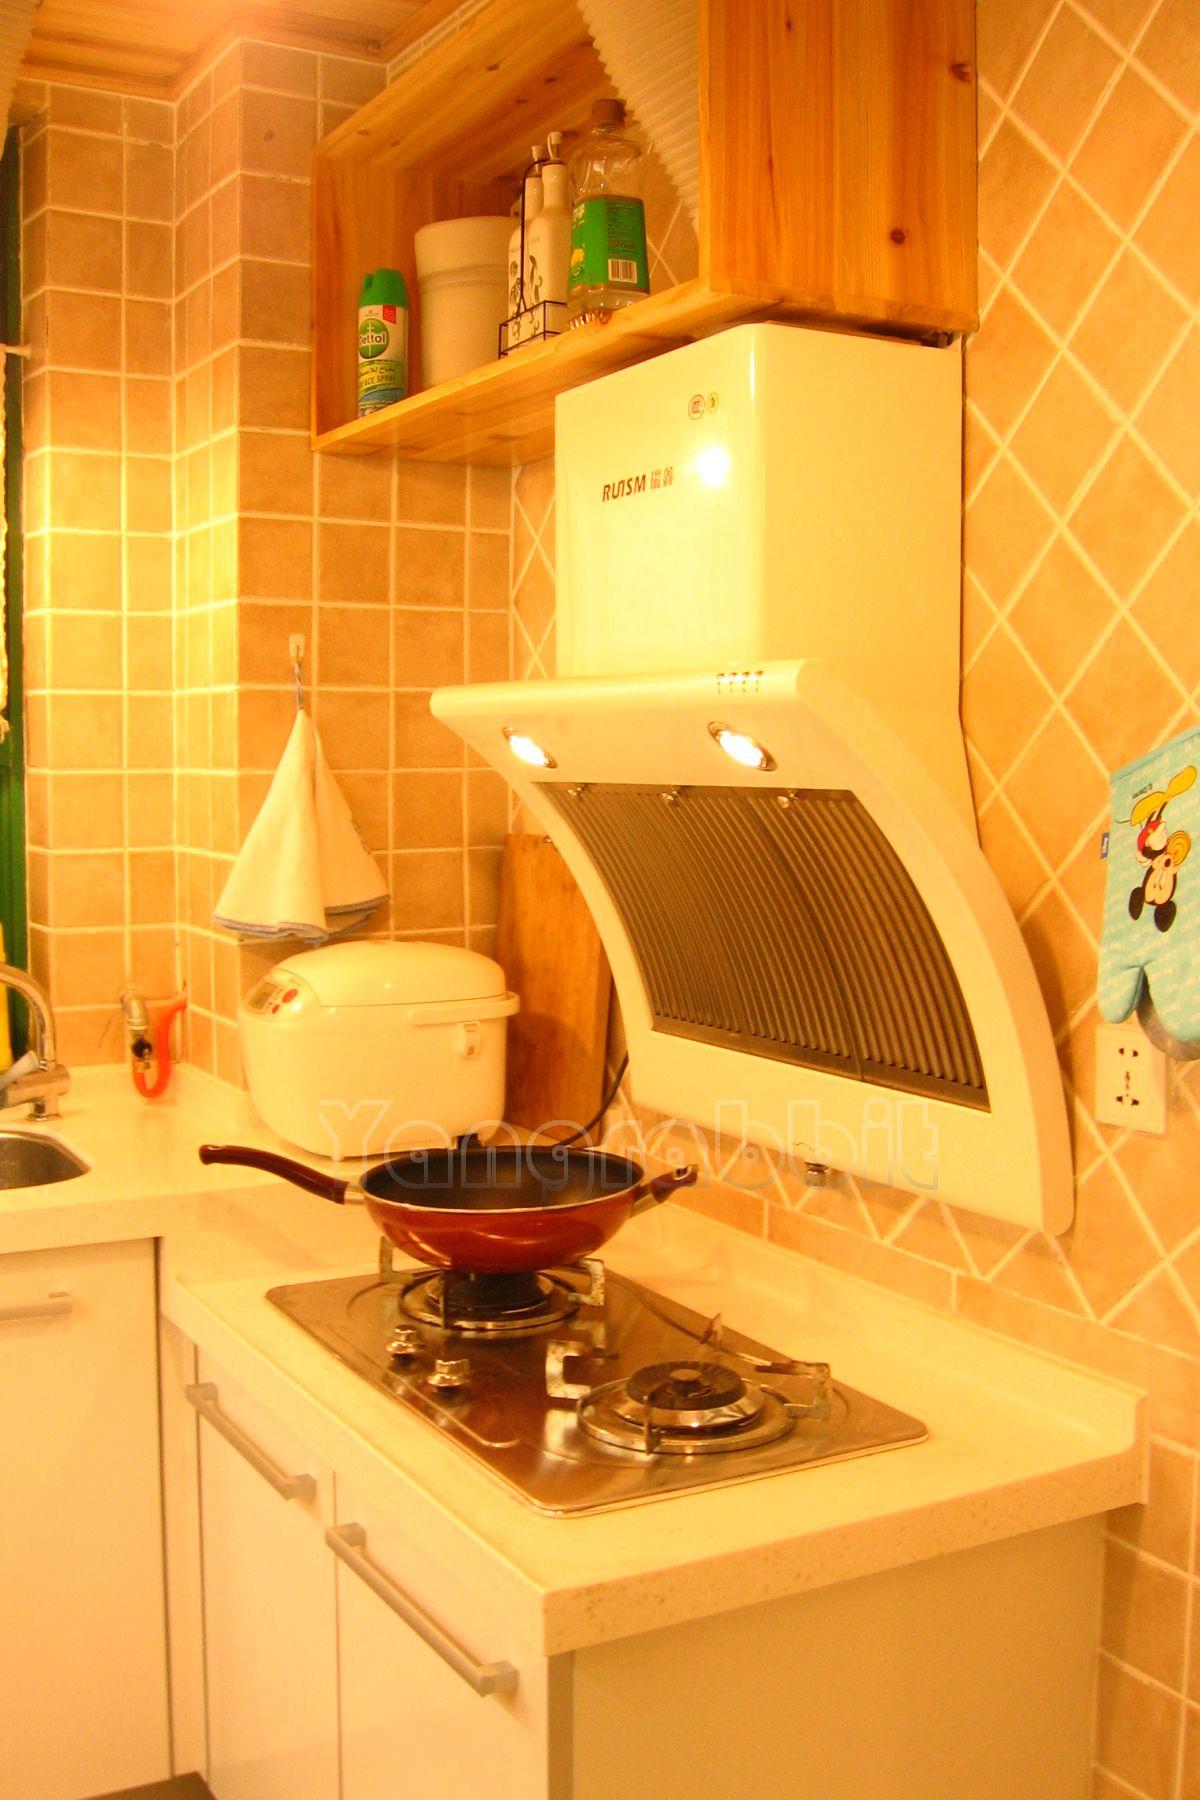 > 洋兔装修-------一个不足三平米的小厨房变得宽敞了许多:)